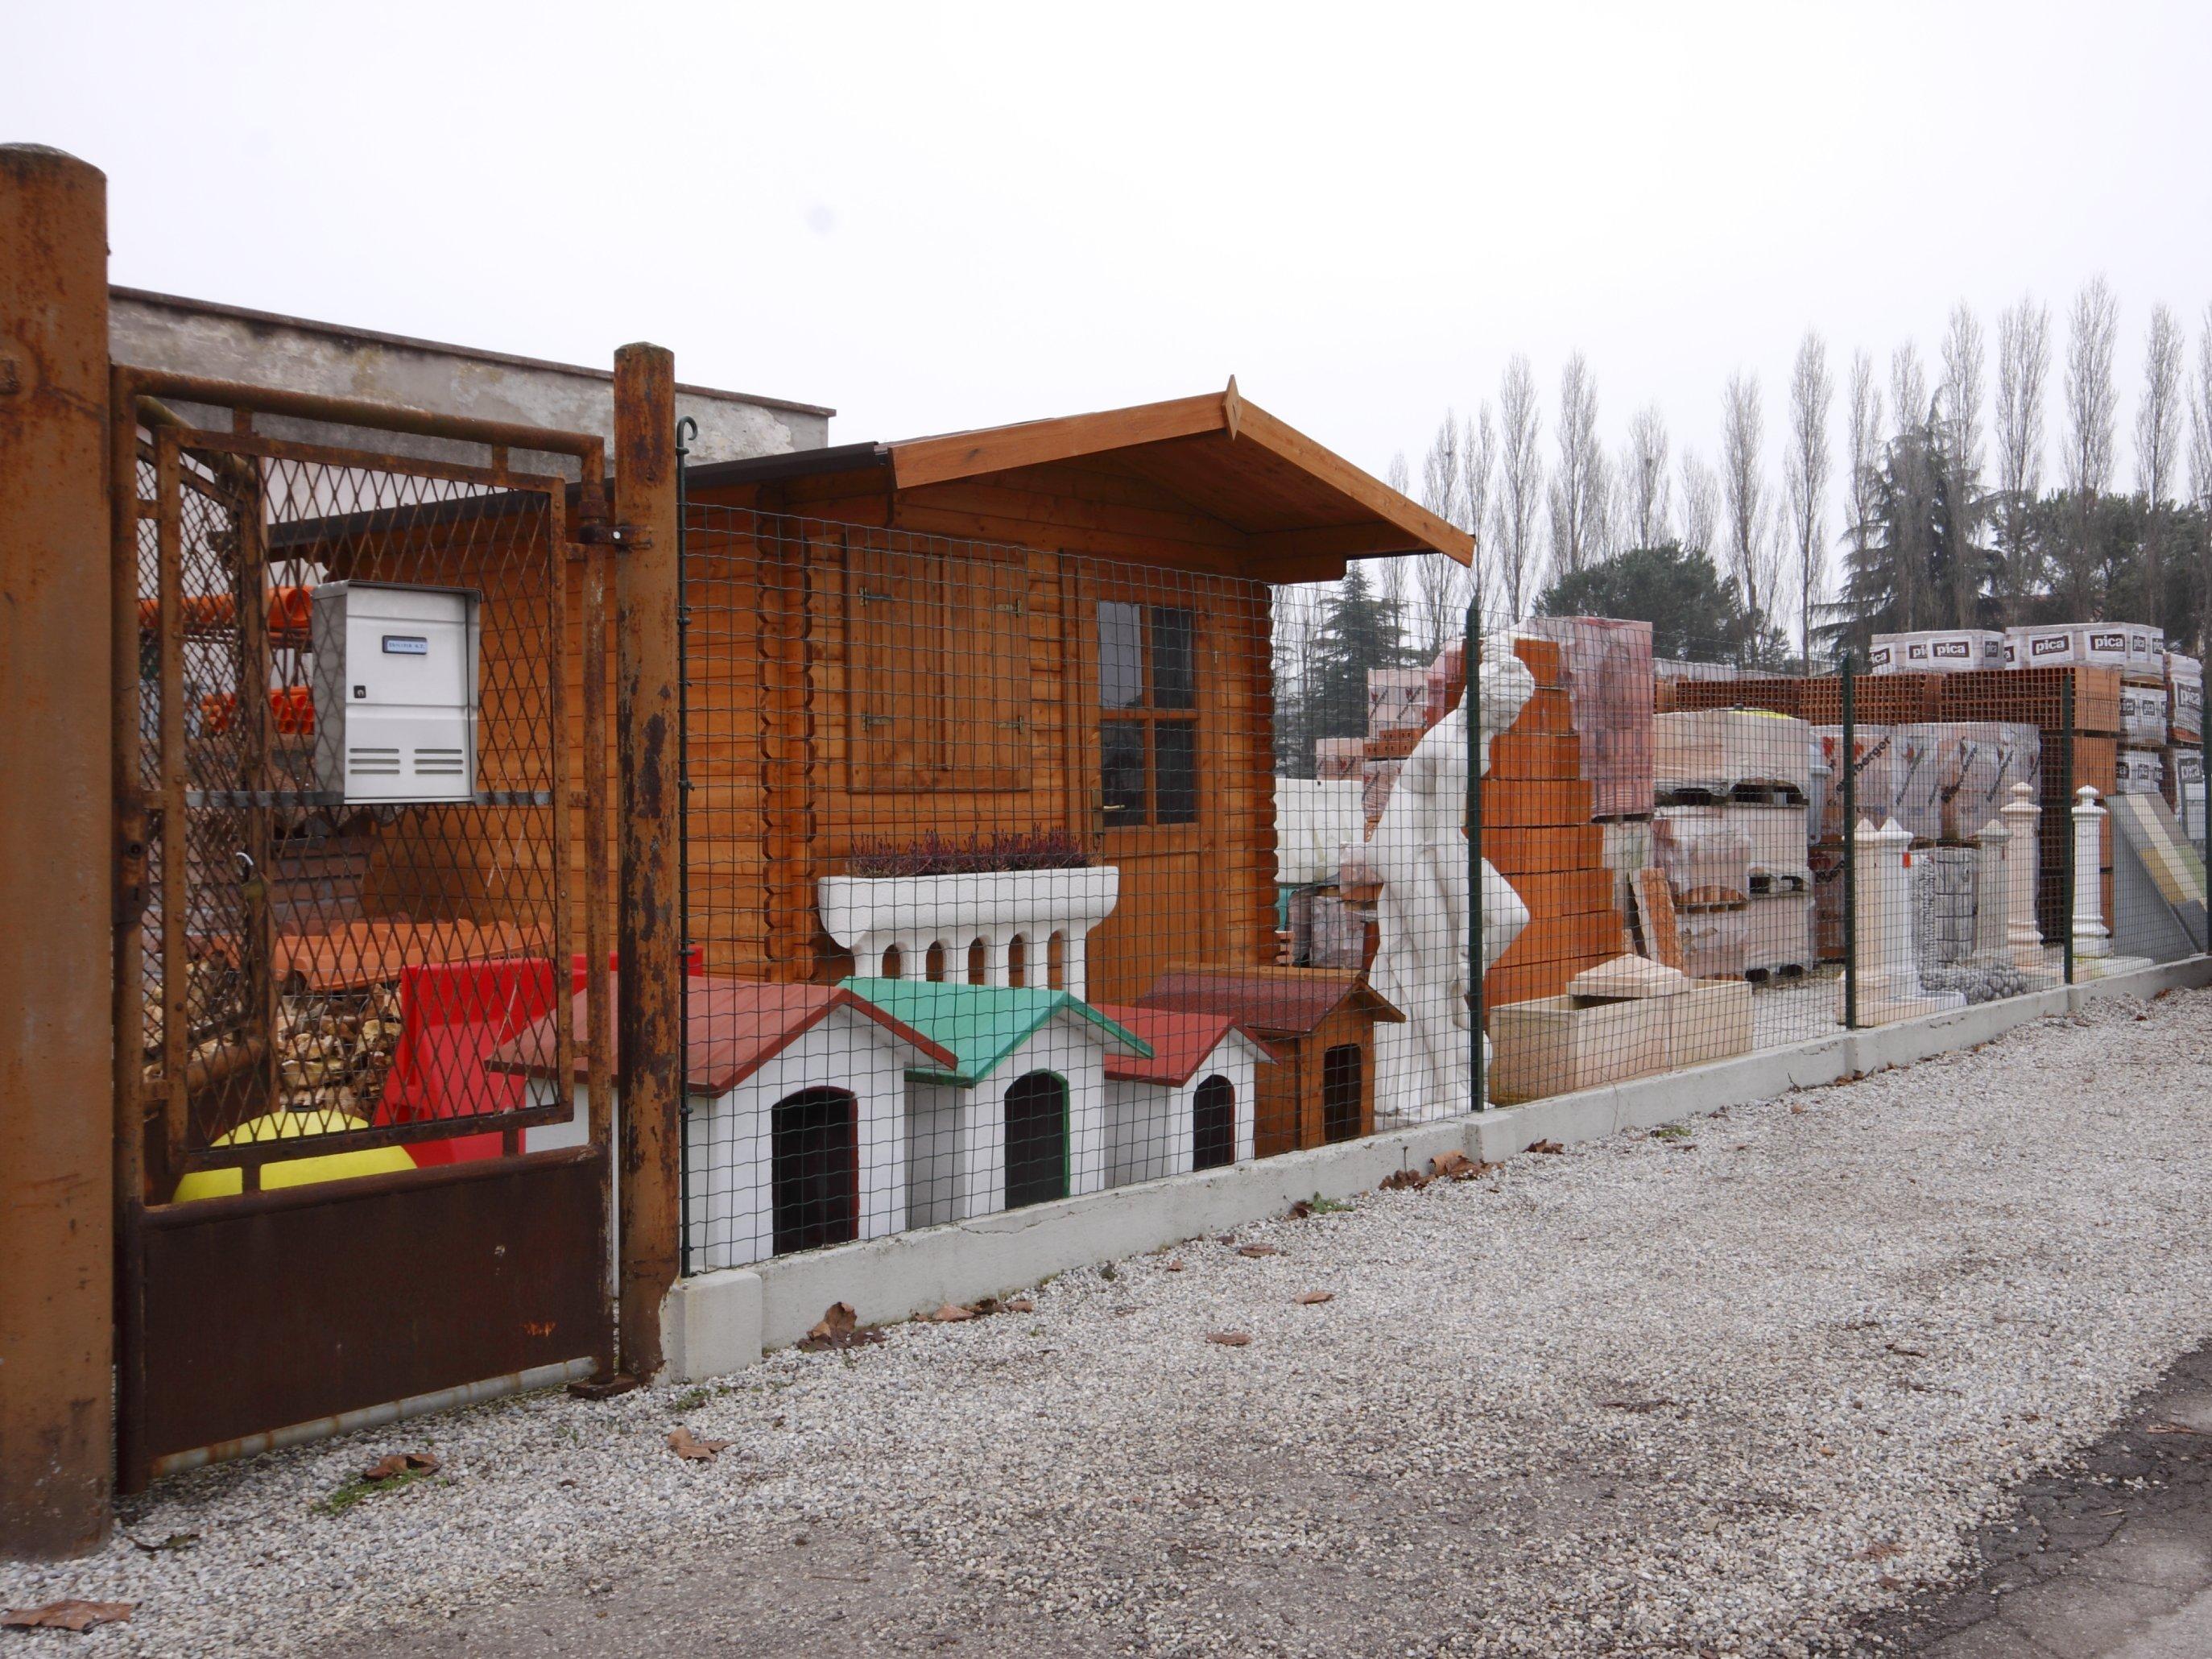 una casetta in legno e cucce per cani